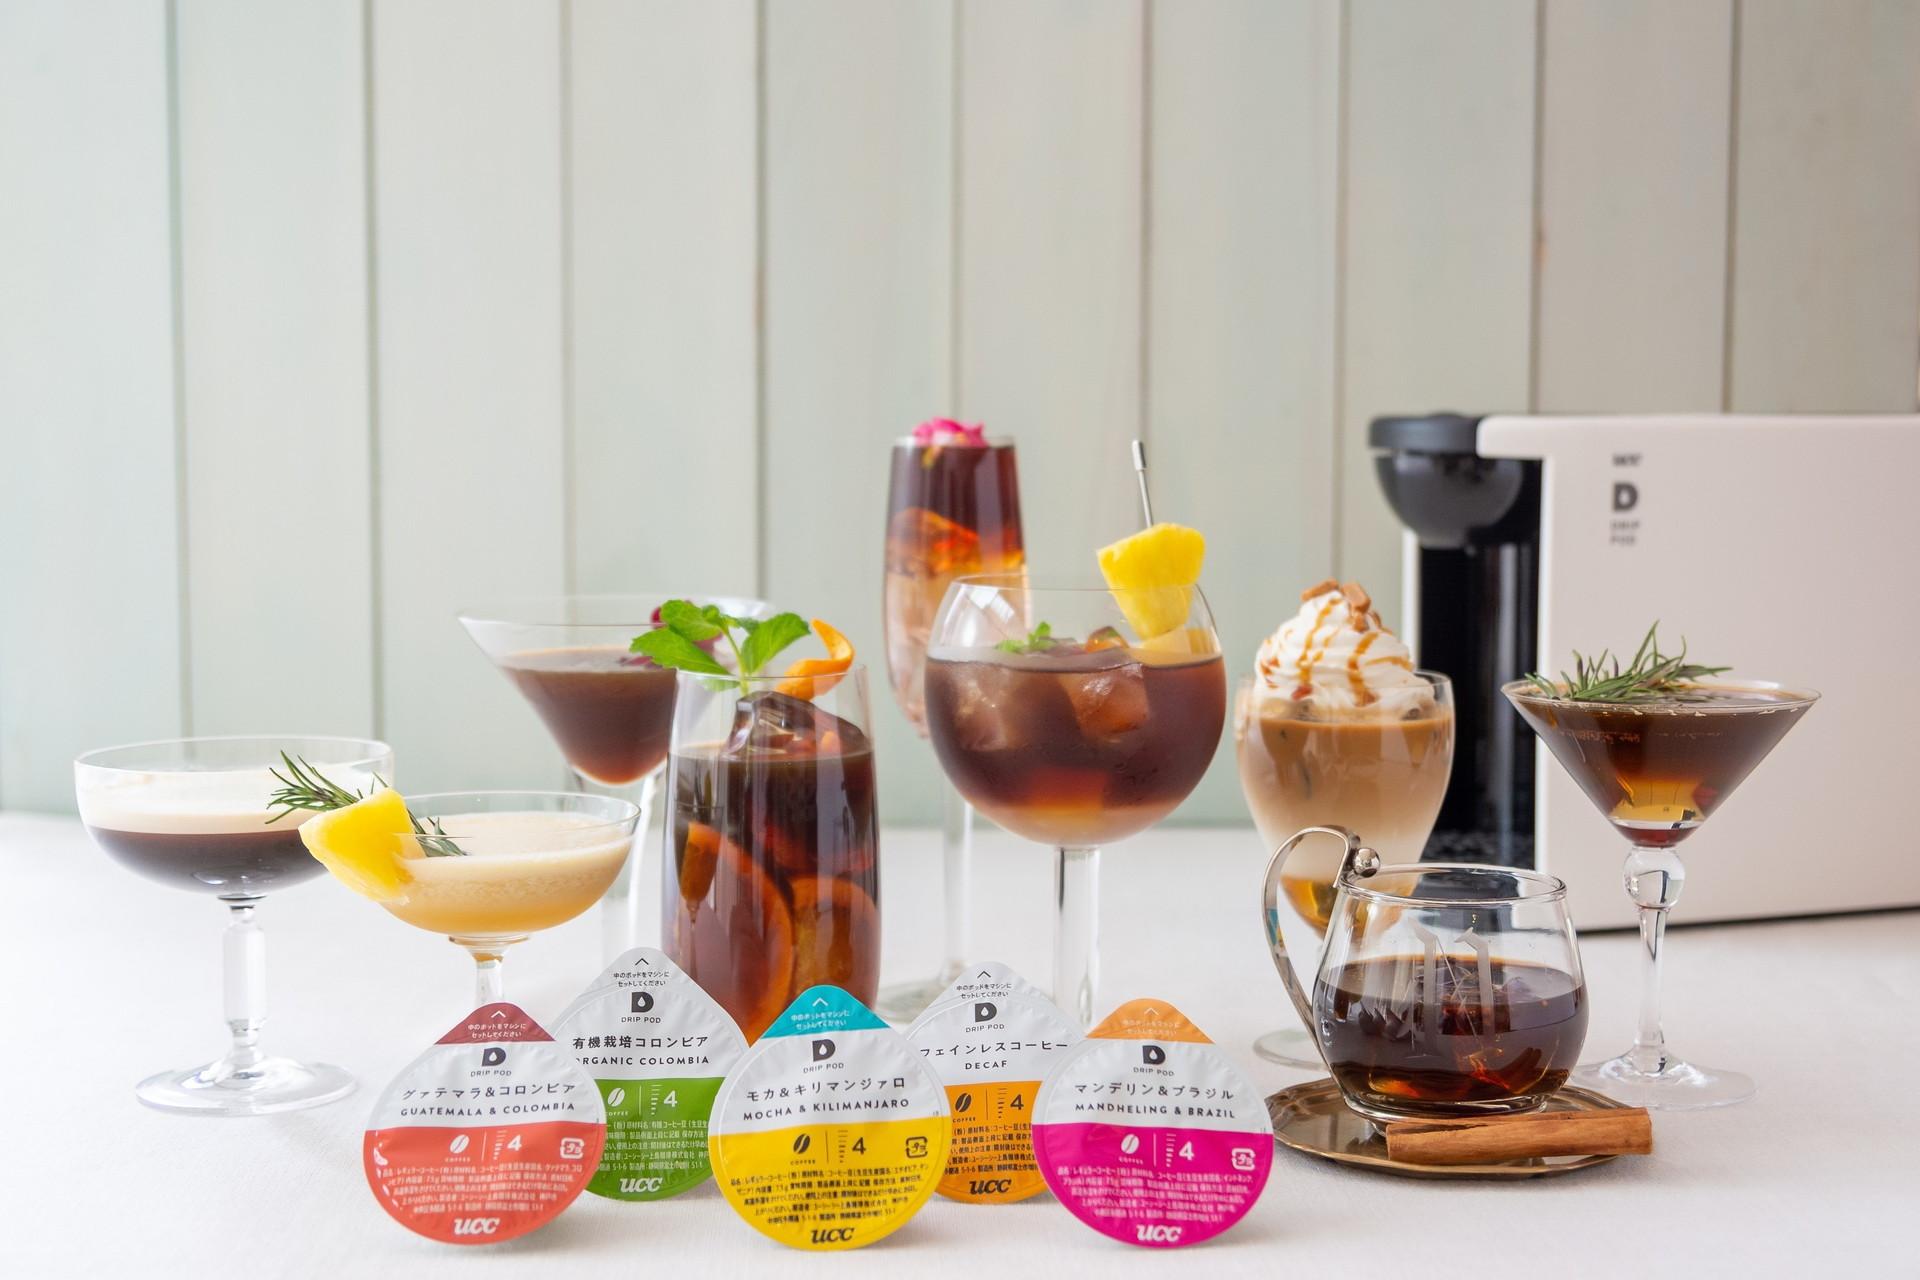 UCCの限定商品「ドリップポッド 旅するコーヒーモクテルセット」でおうち時間を満喫!